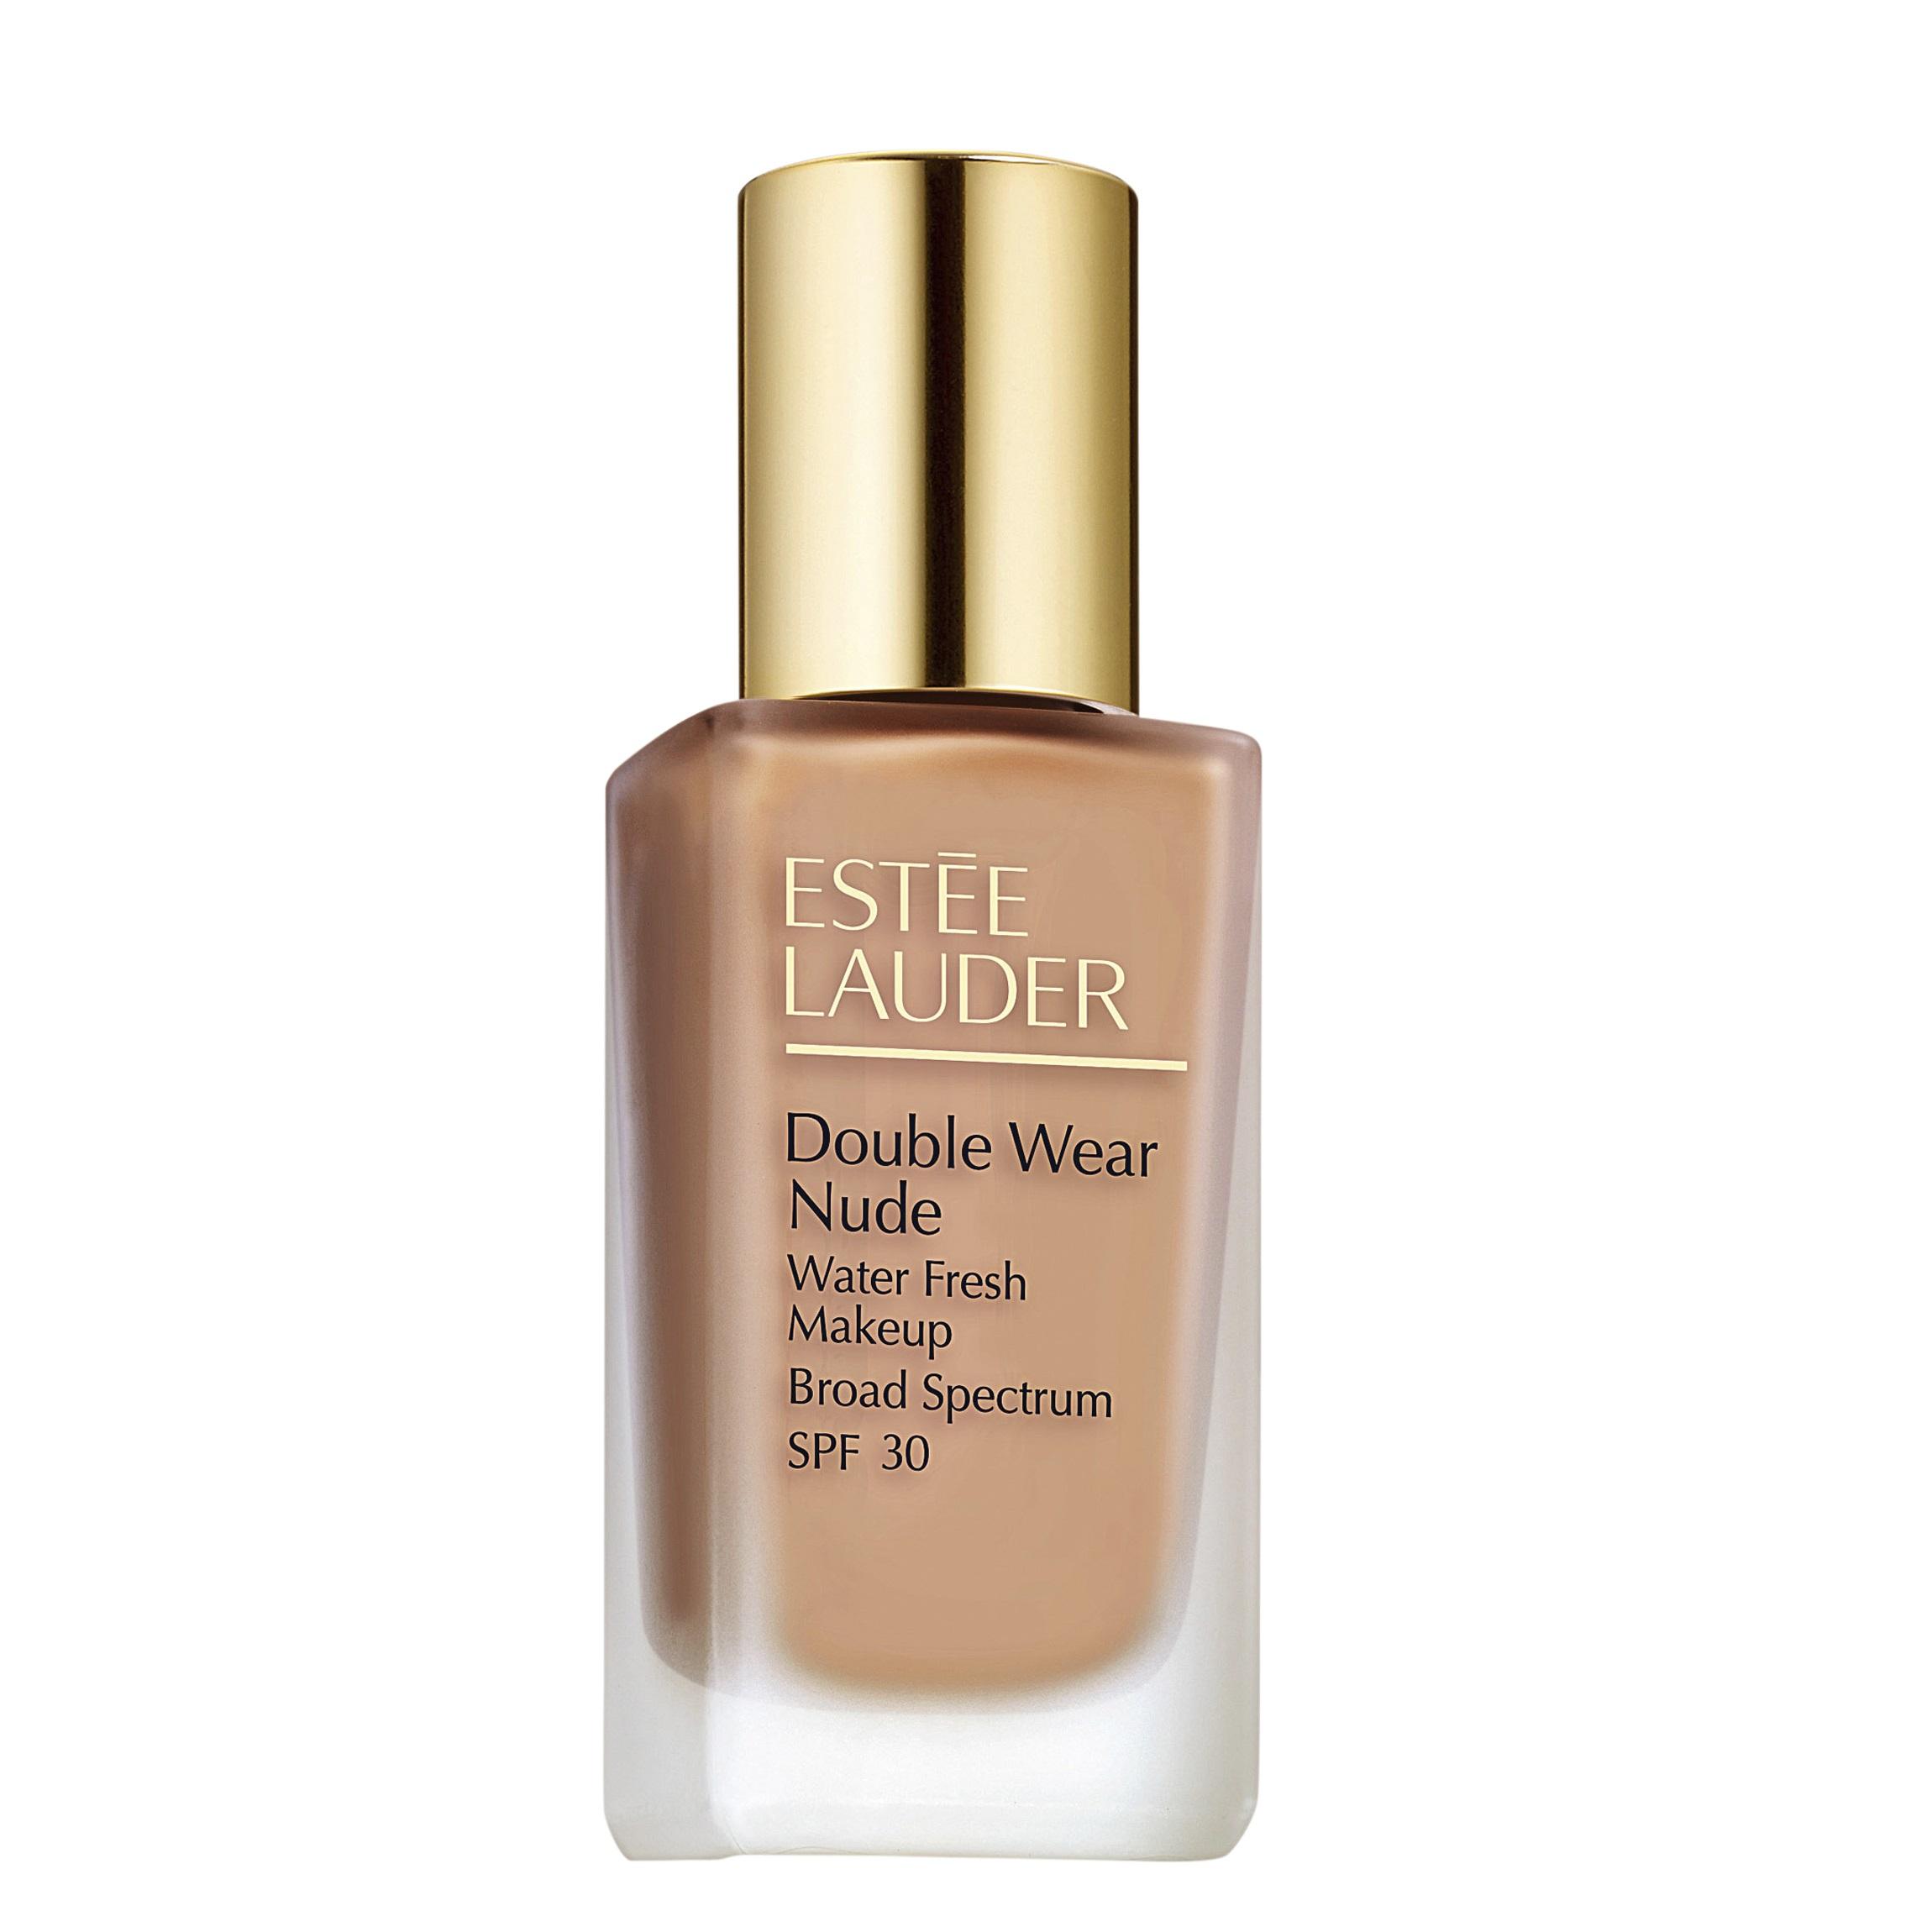 Estee Lauder   Double Wear Nude Water Fresh Makeup Broad